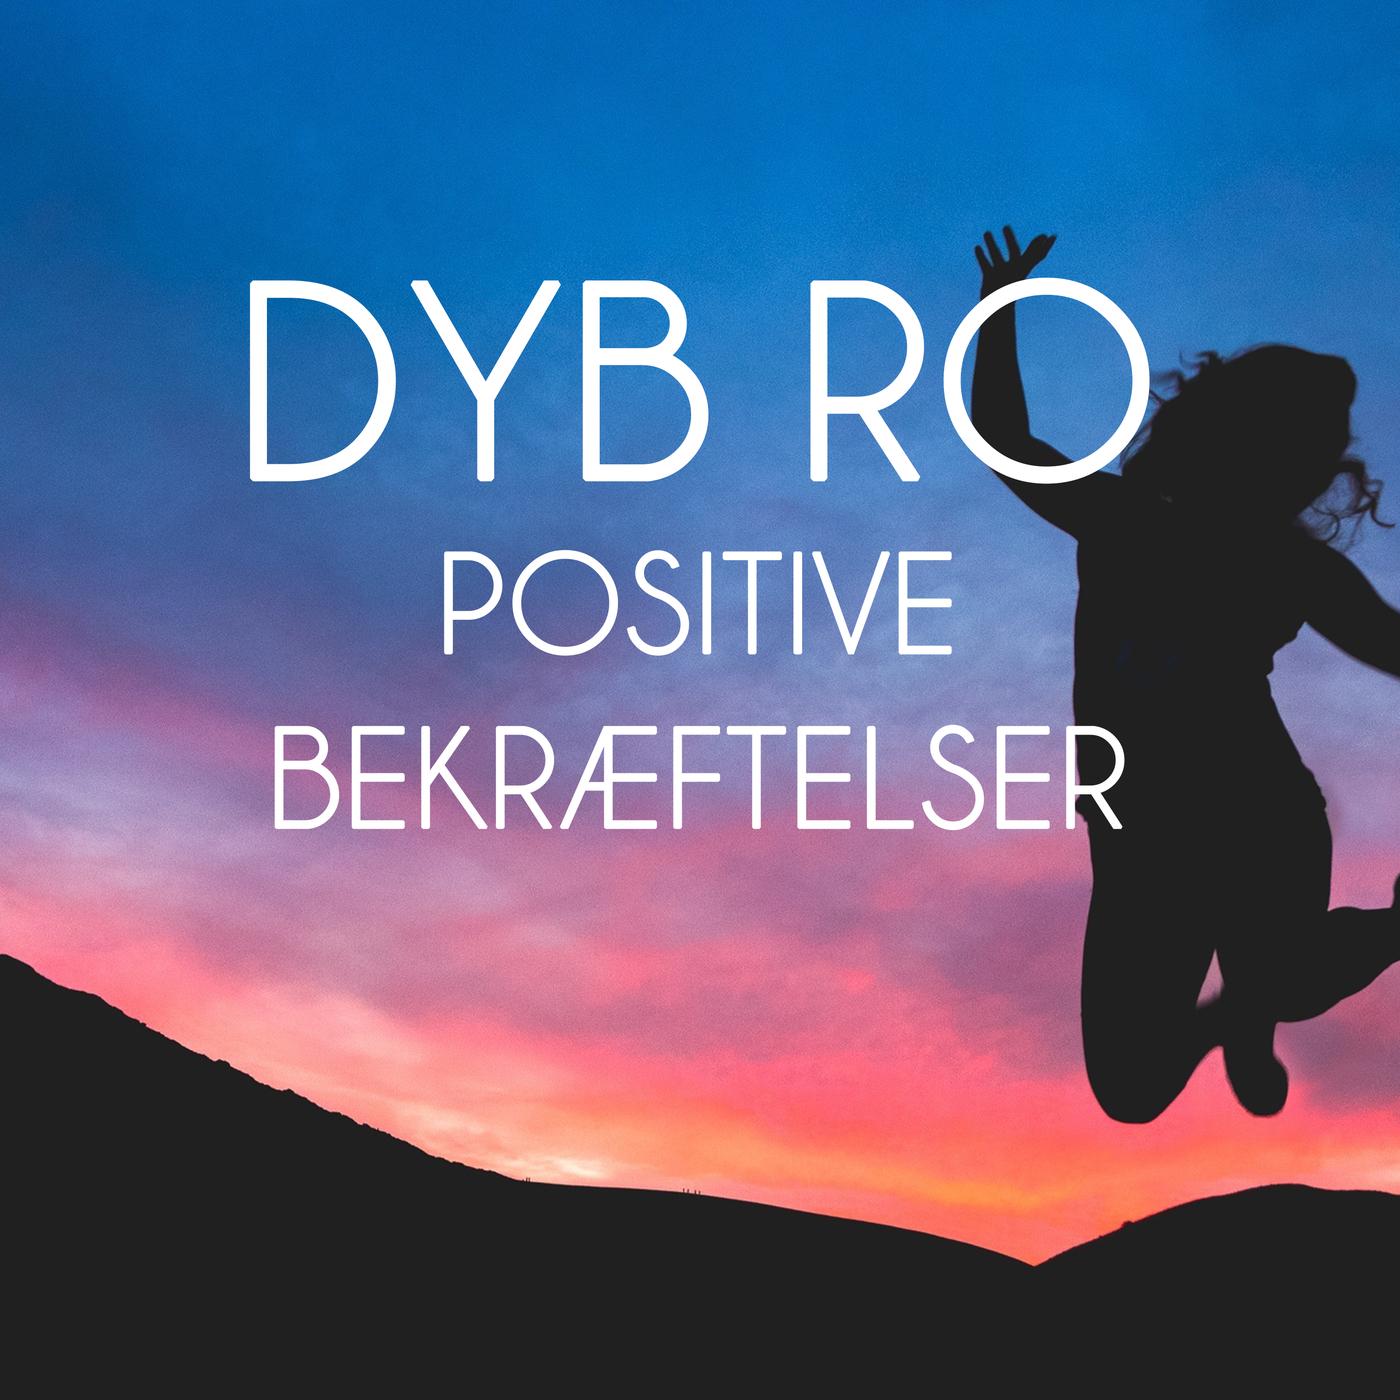 Positive bekræftelser - Dyb Ro